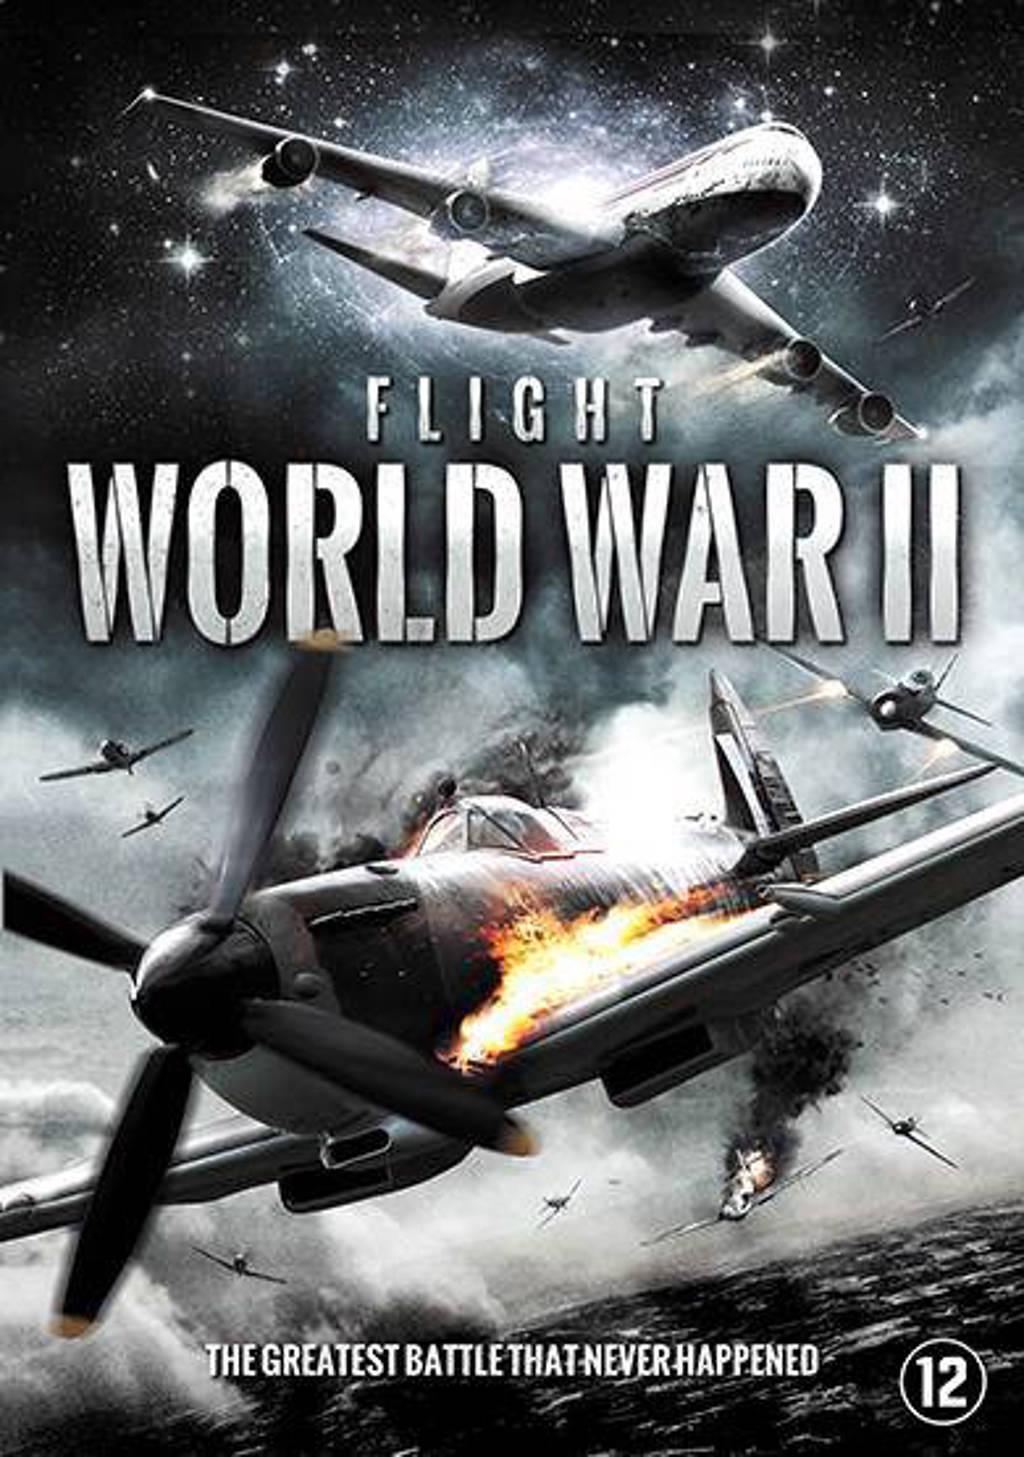 Flight world war 2 (DVD)